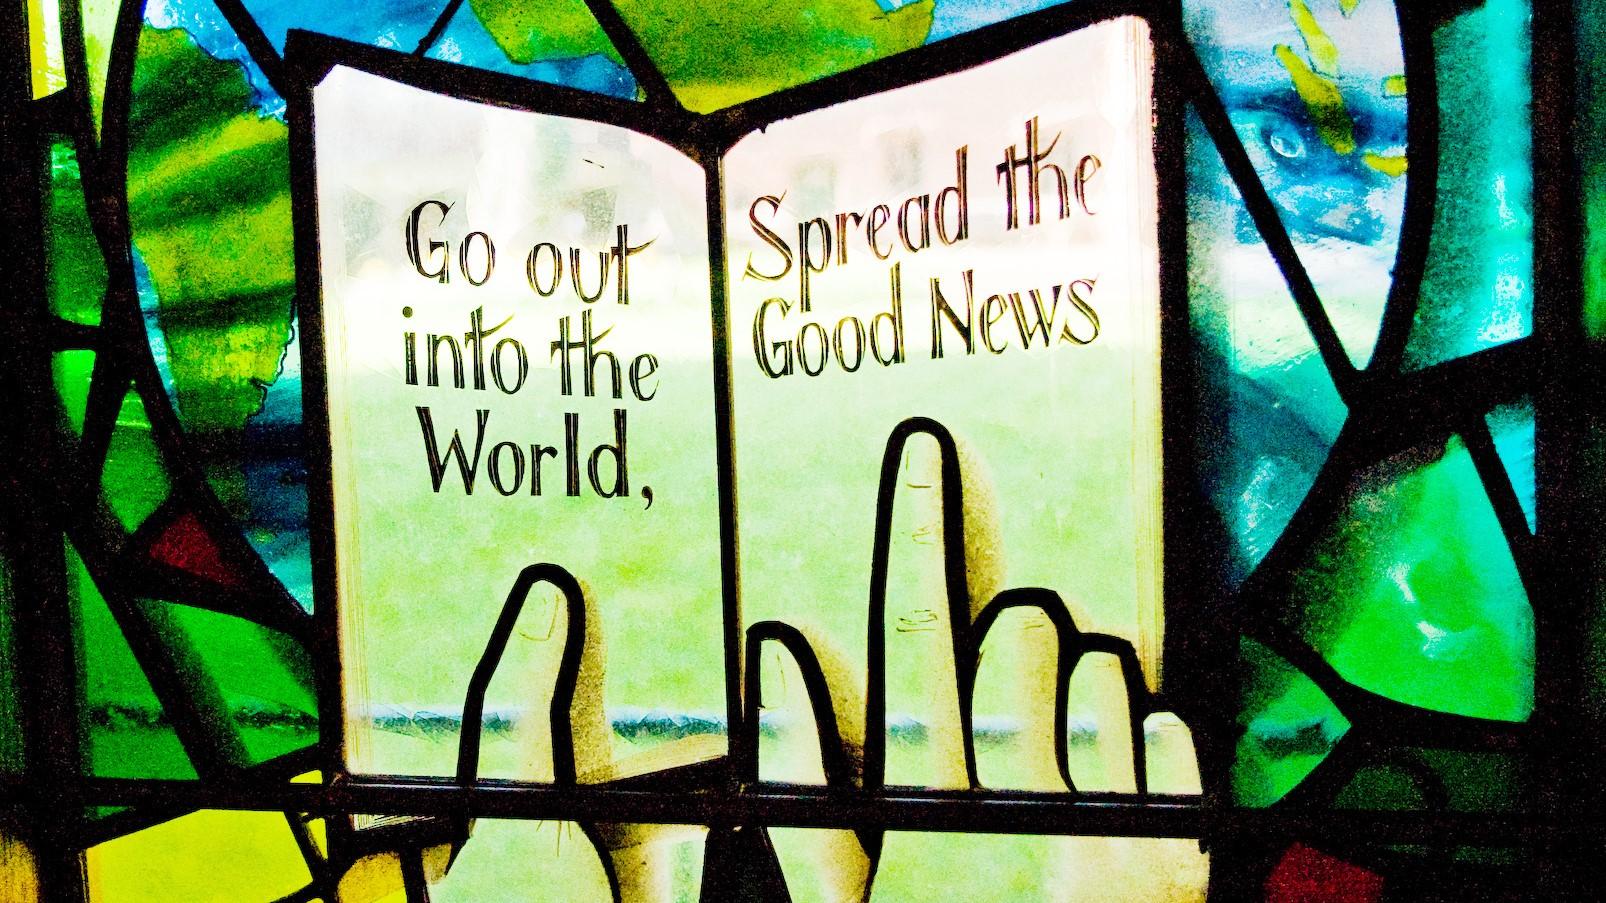 Comment partageons-nous les bonnes nouvelles?